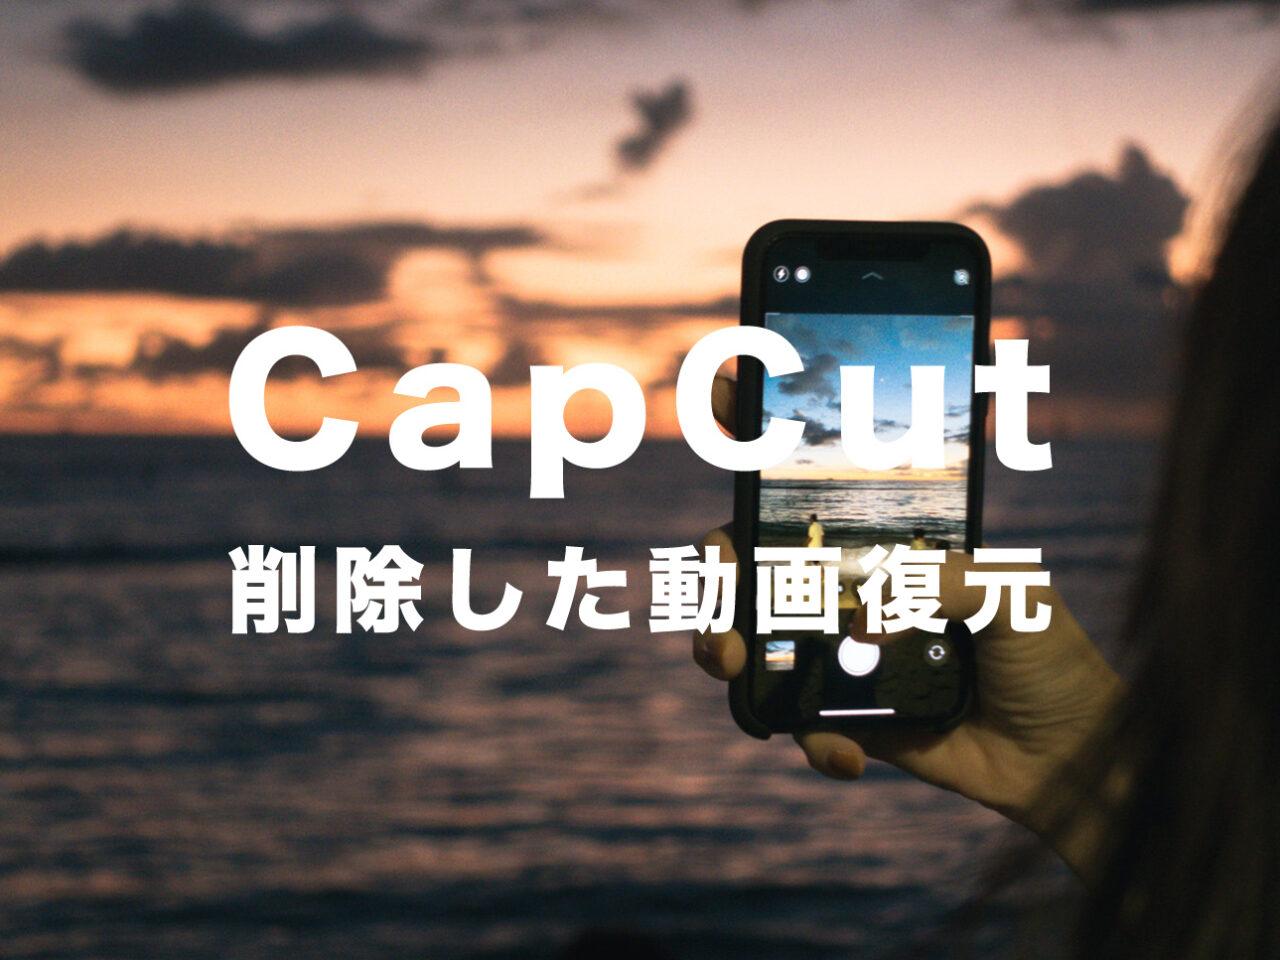 CapCut(キャップカット)で削除した動画を復元することはできる?のサムネイル画像